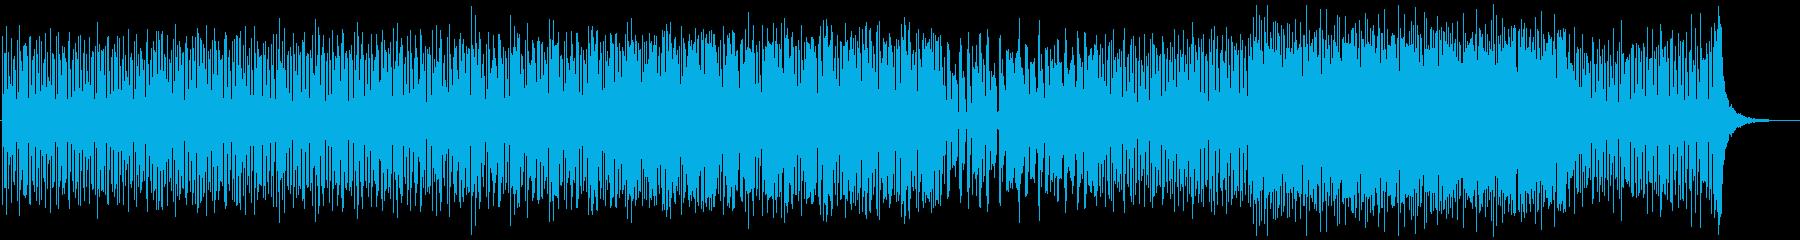 報道番組、ナレバックのシリアス系BGMの再生済みの波形